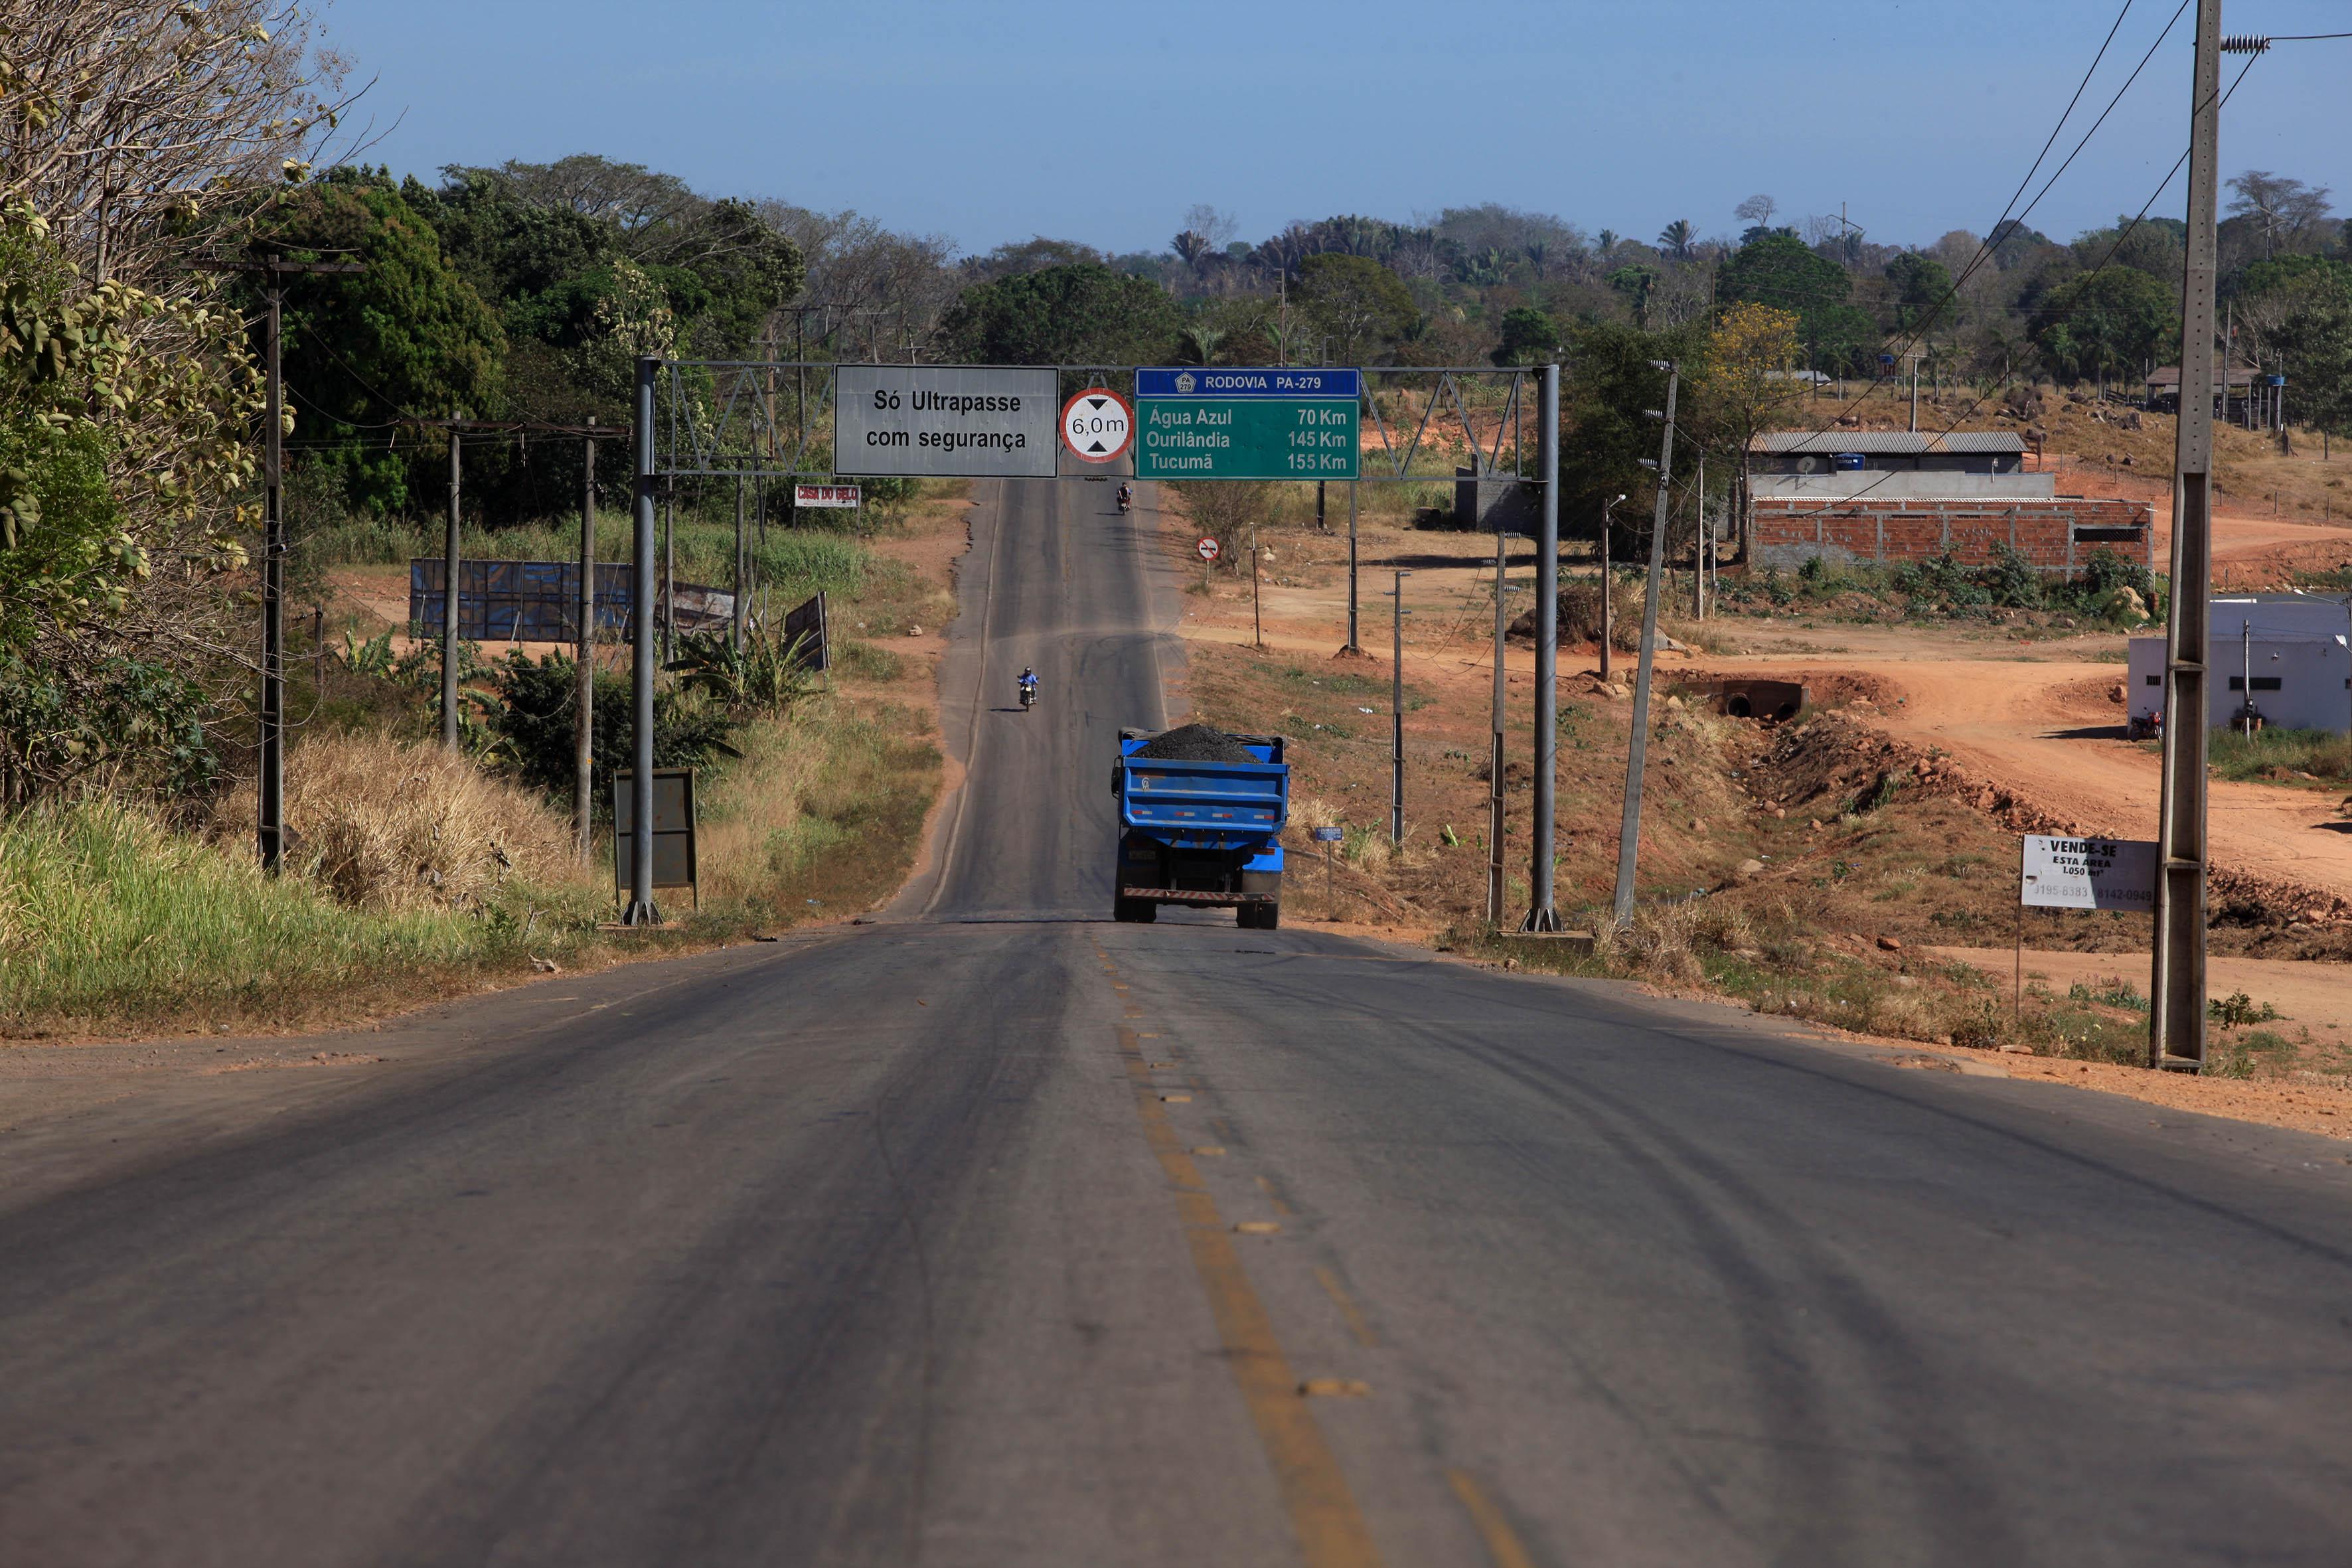 A PA-279, que está recebendo manutenção entre Xinguara e Ourilândia do Norte, e terraplenagem no trecho de Tucumã a São Félix do Xingu